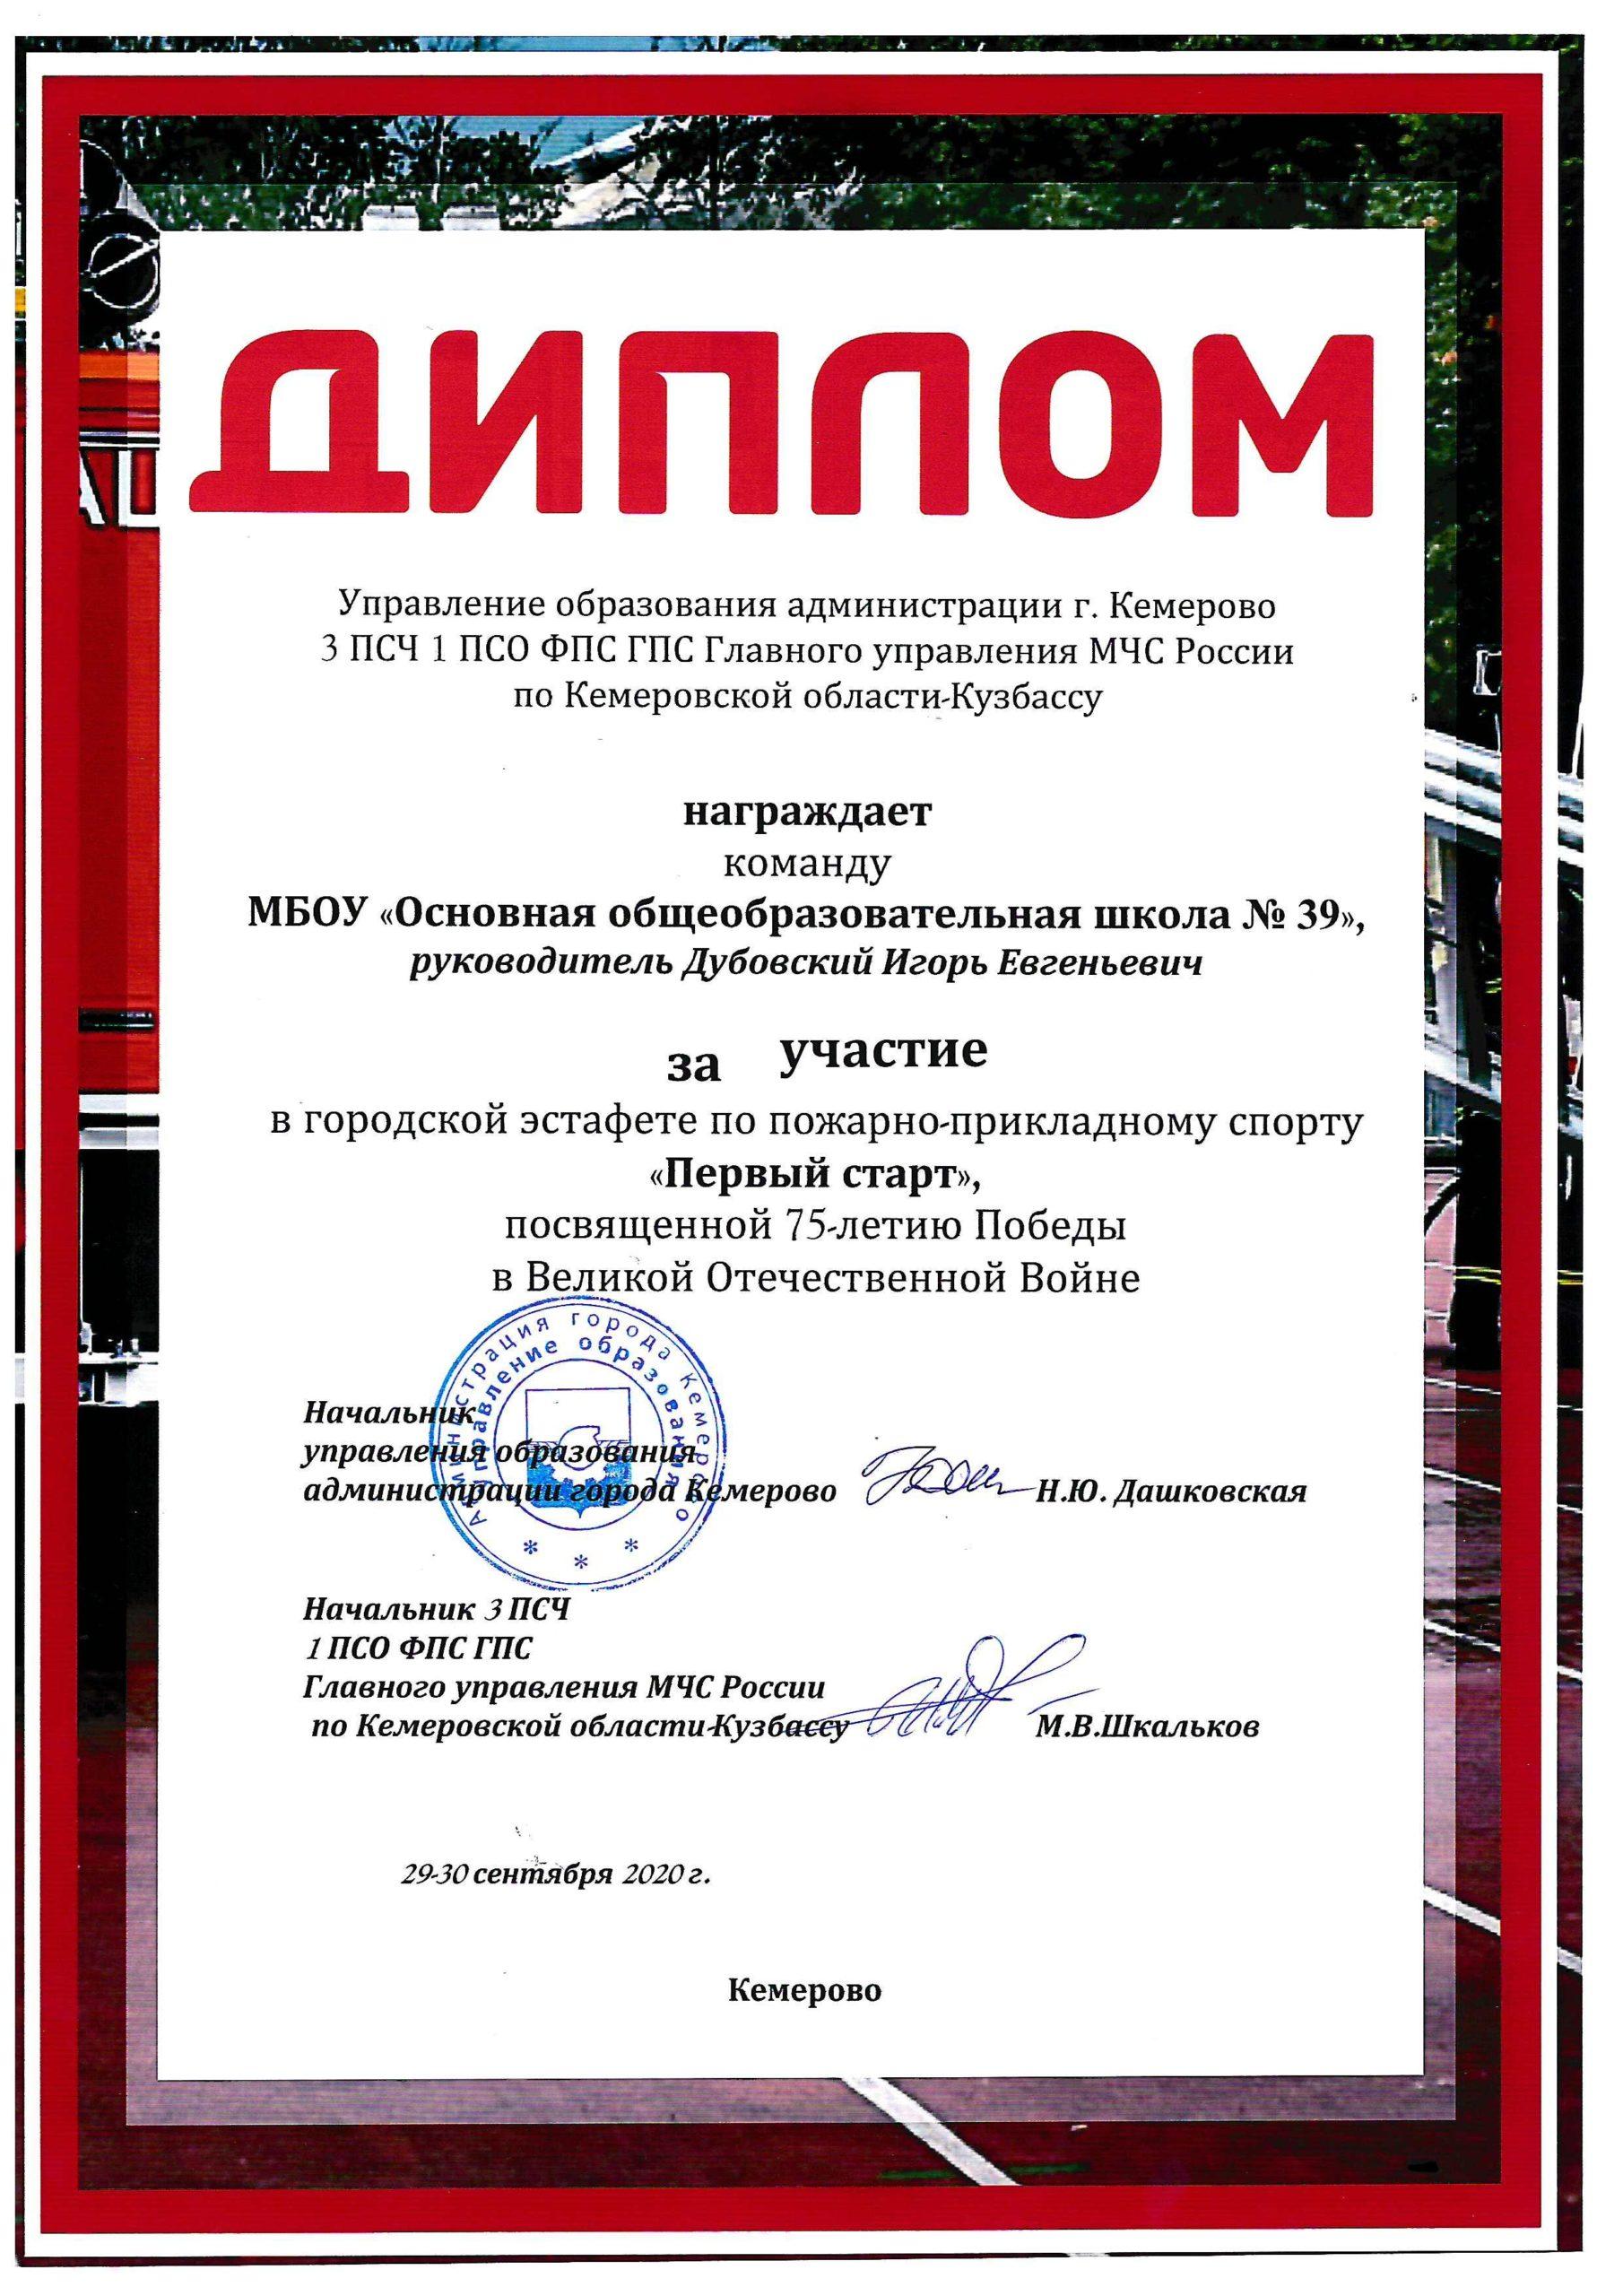 Дипломы ППС — 0010